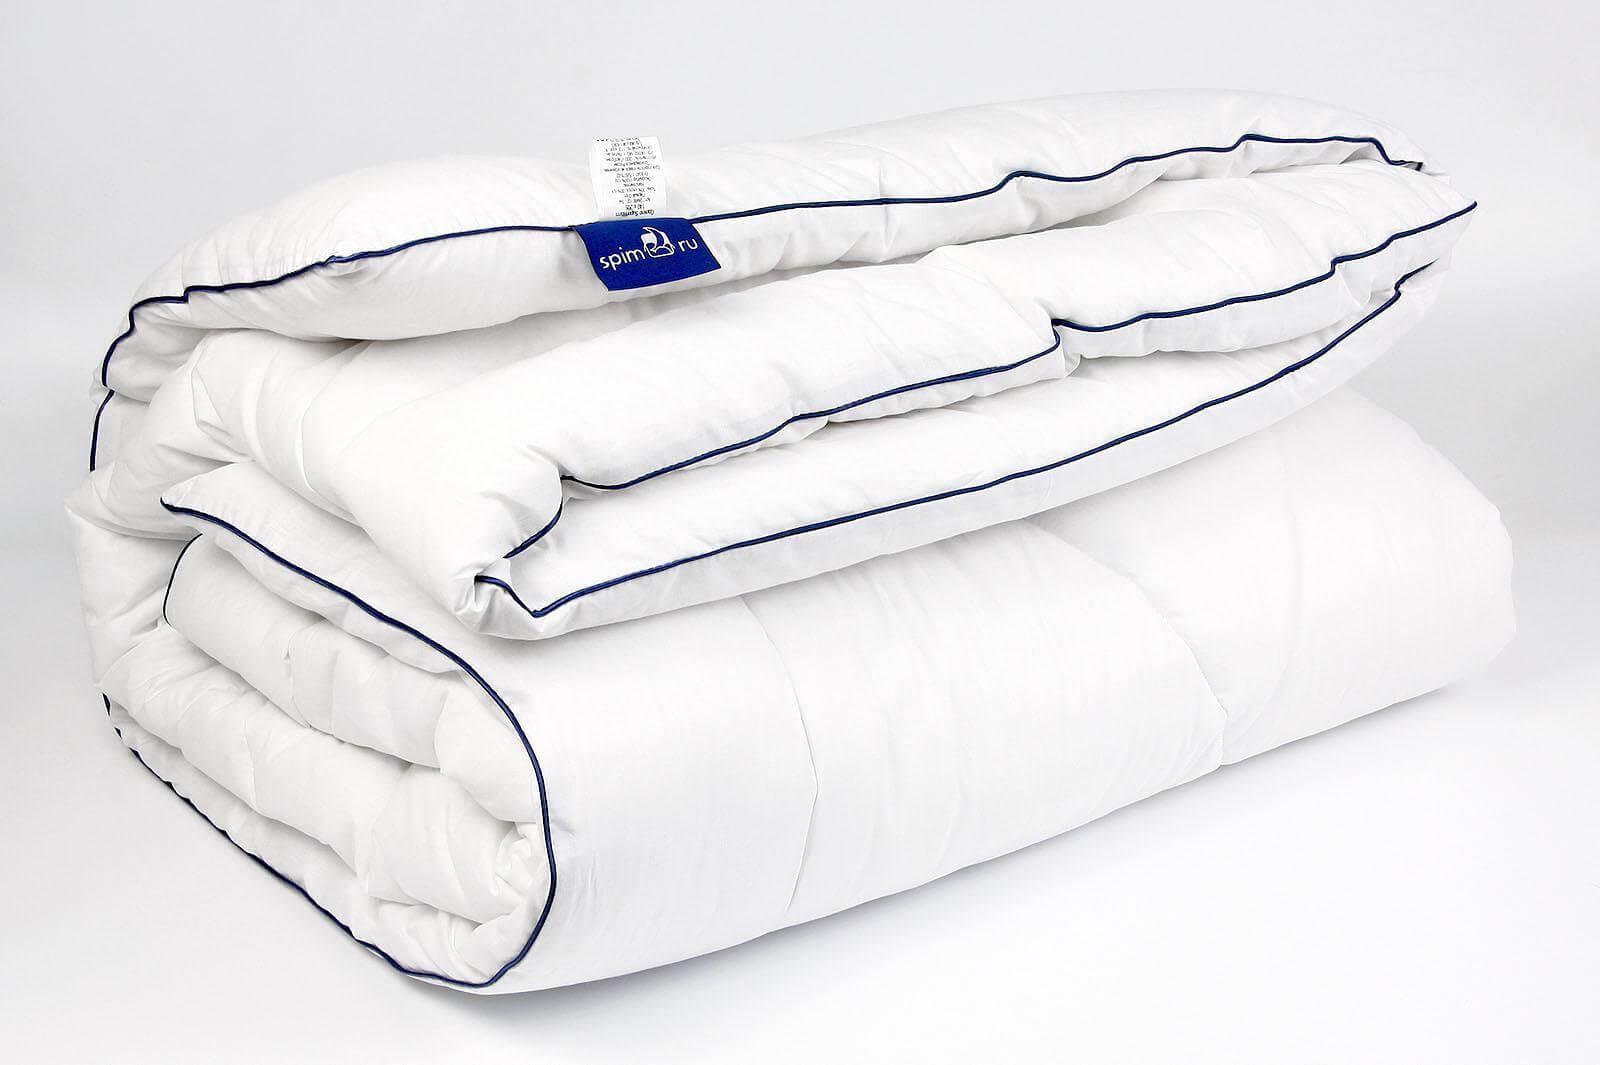 Как выбрать лучшее одеяло – зимнее или летнее, какой наполнитель самый теплый и дышащий?